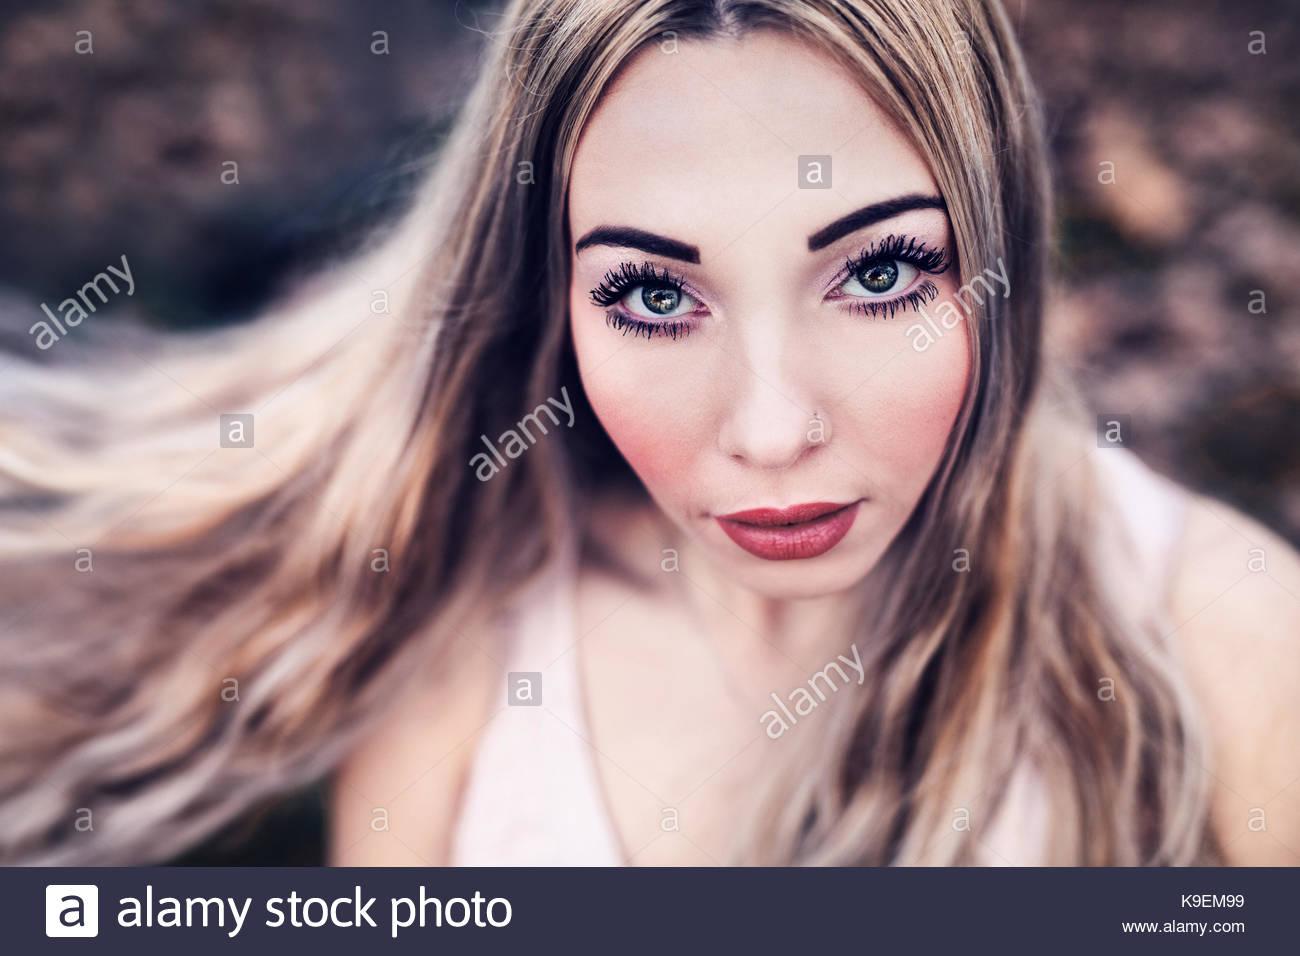 Modello russo fissando la telecamera. occhi blu-verde, biondo dei capelli ondulati, labbra rosse Immagini Stock